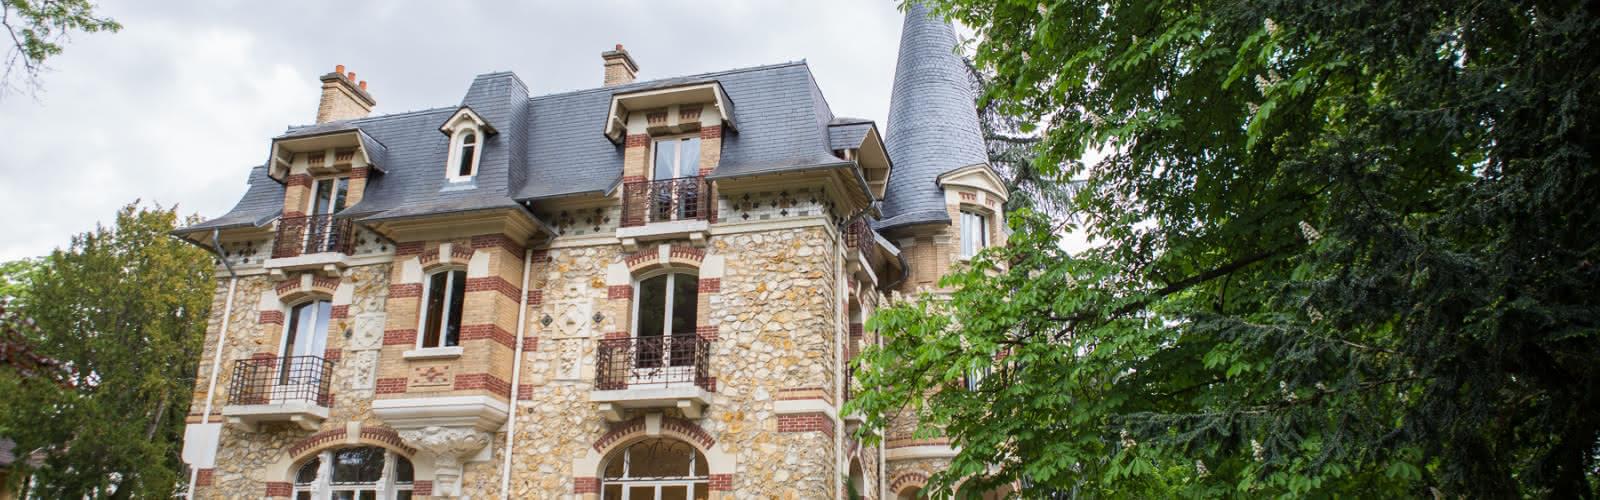 La Feuilleraie_St Leu_Reportage photos Val d'Oise Tourisme